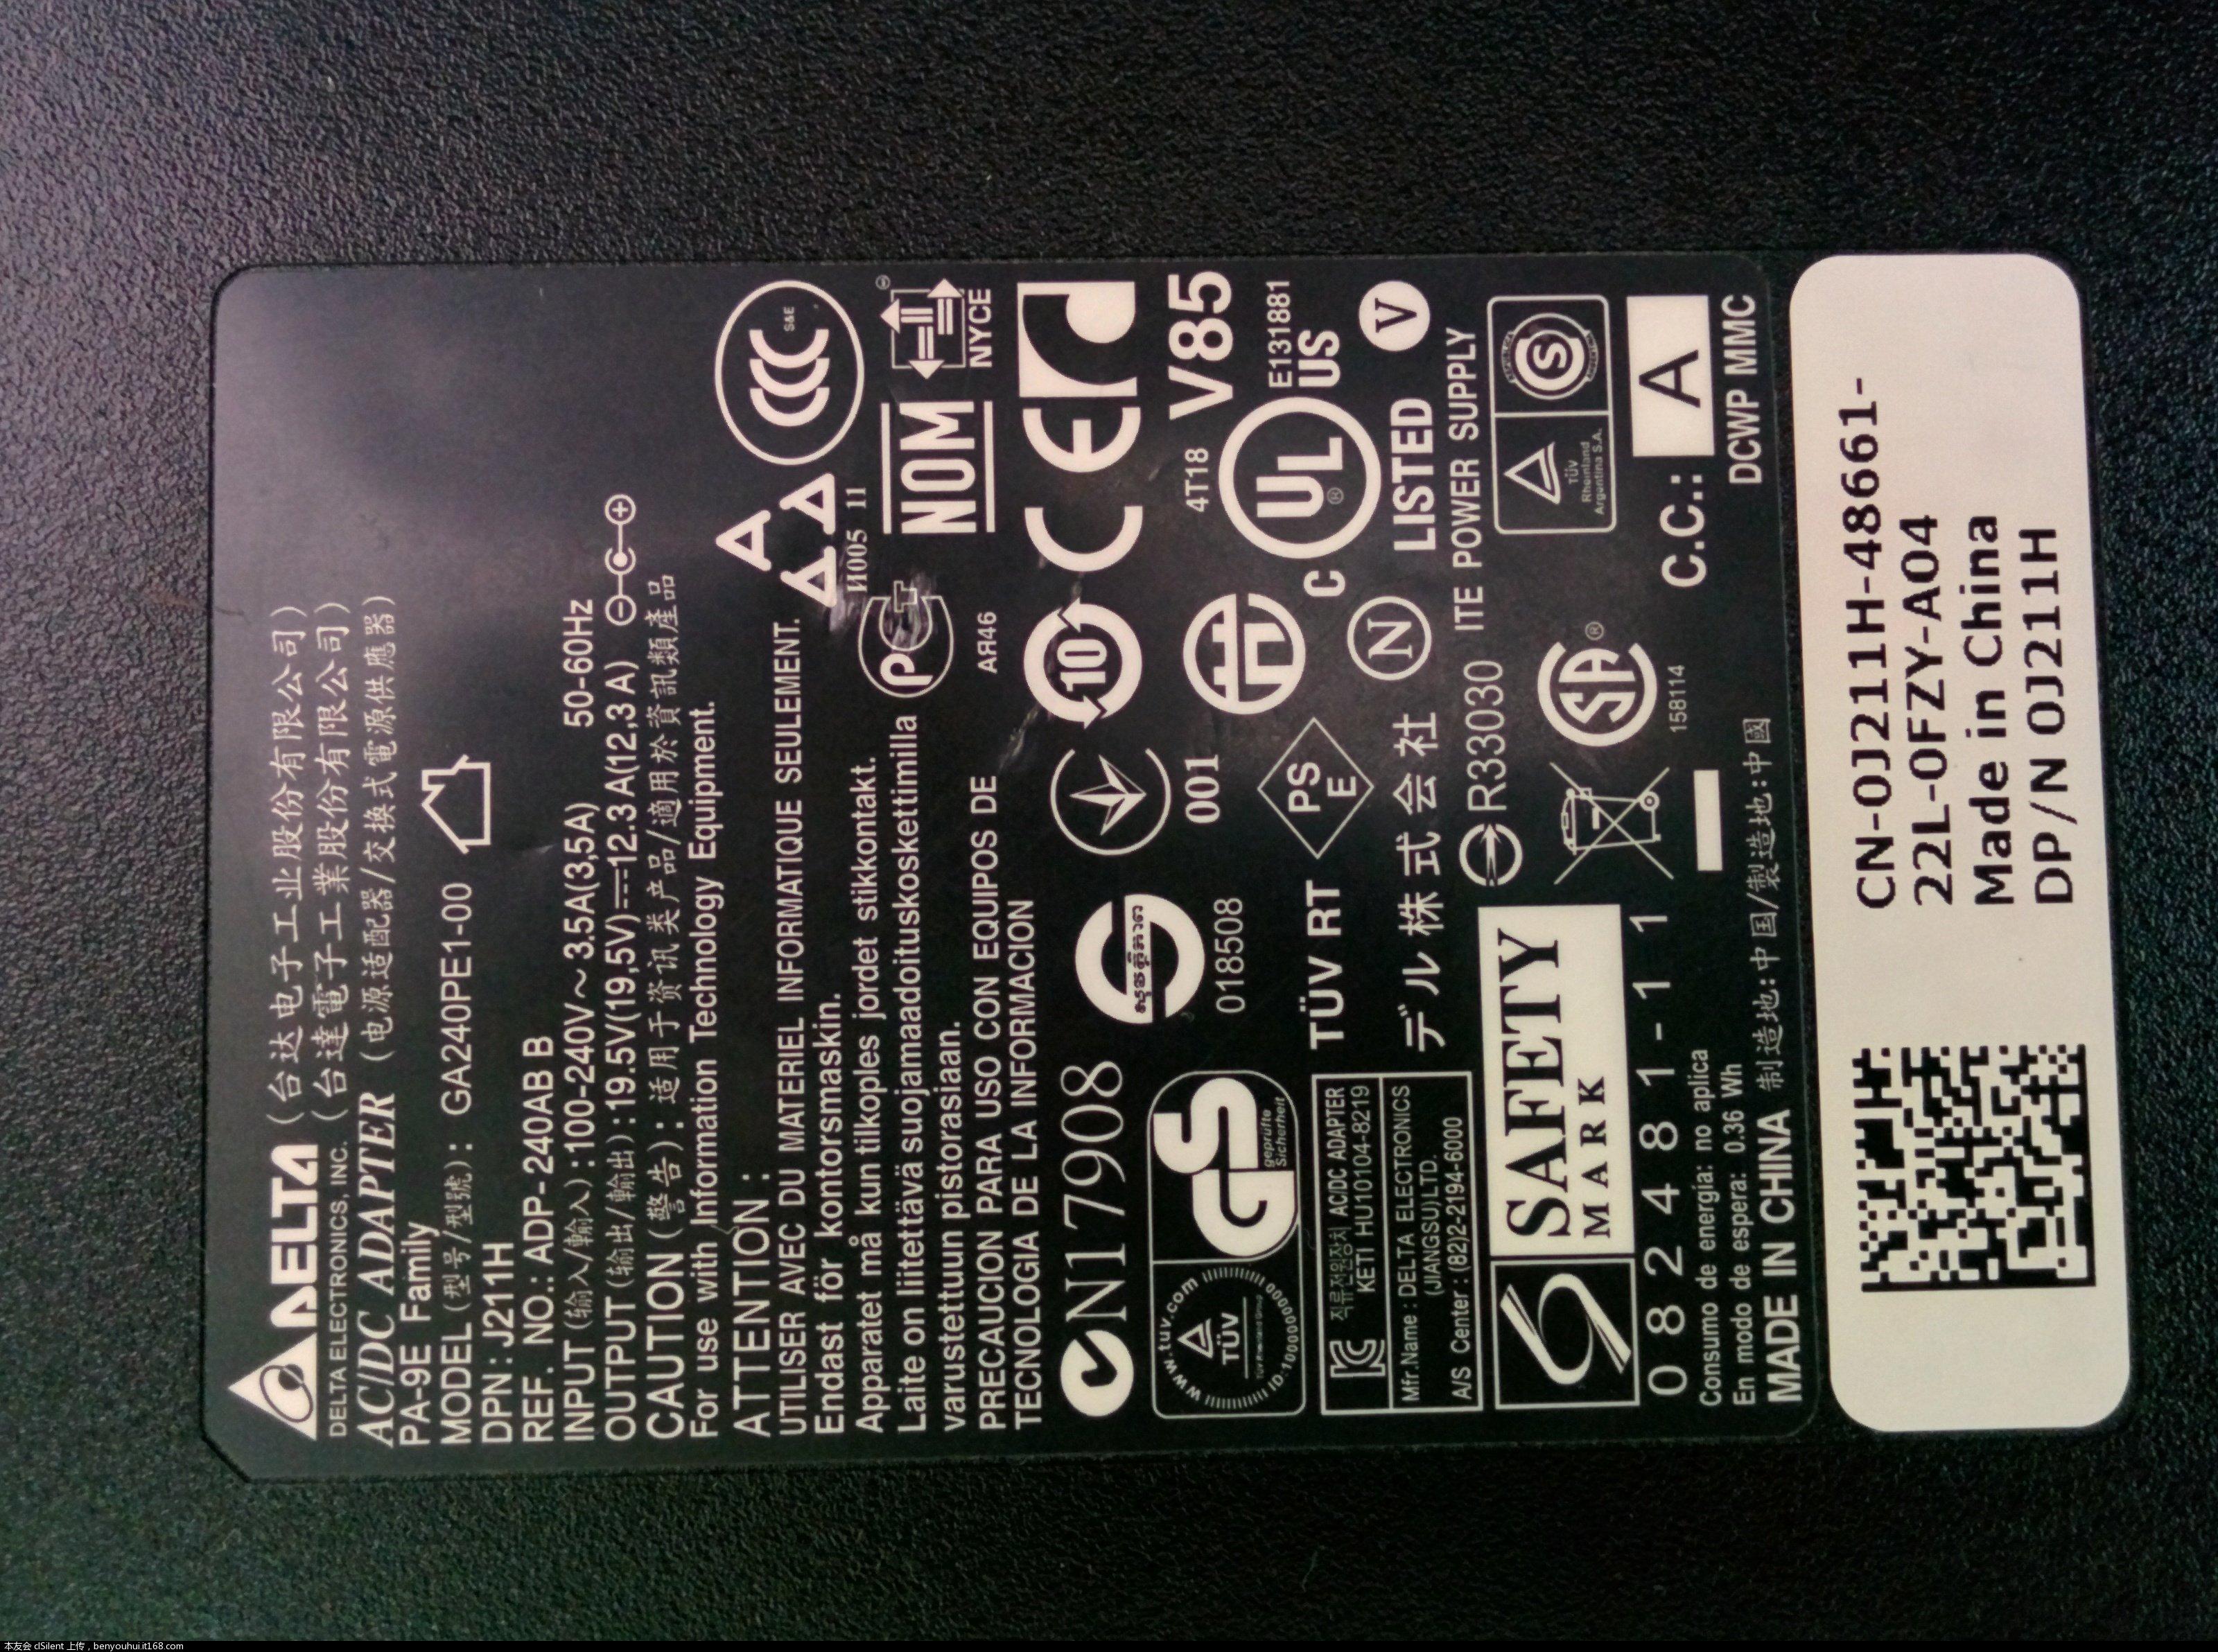 戴尔外星人论坛 69 戴尔外星人论坛 69 dell的240w电源适配器通用